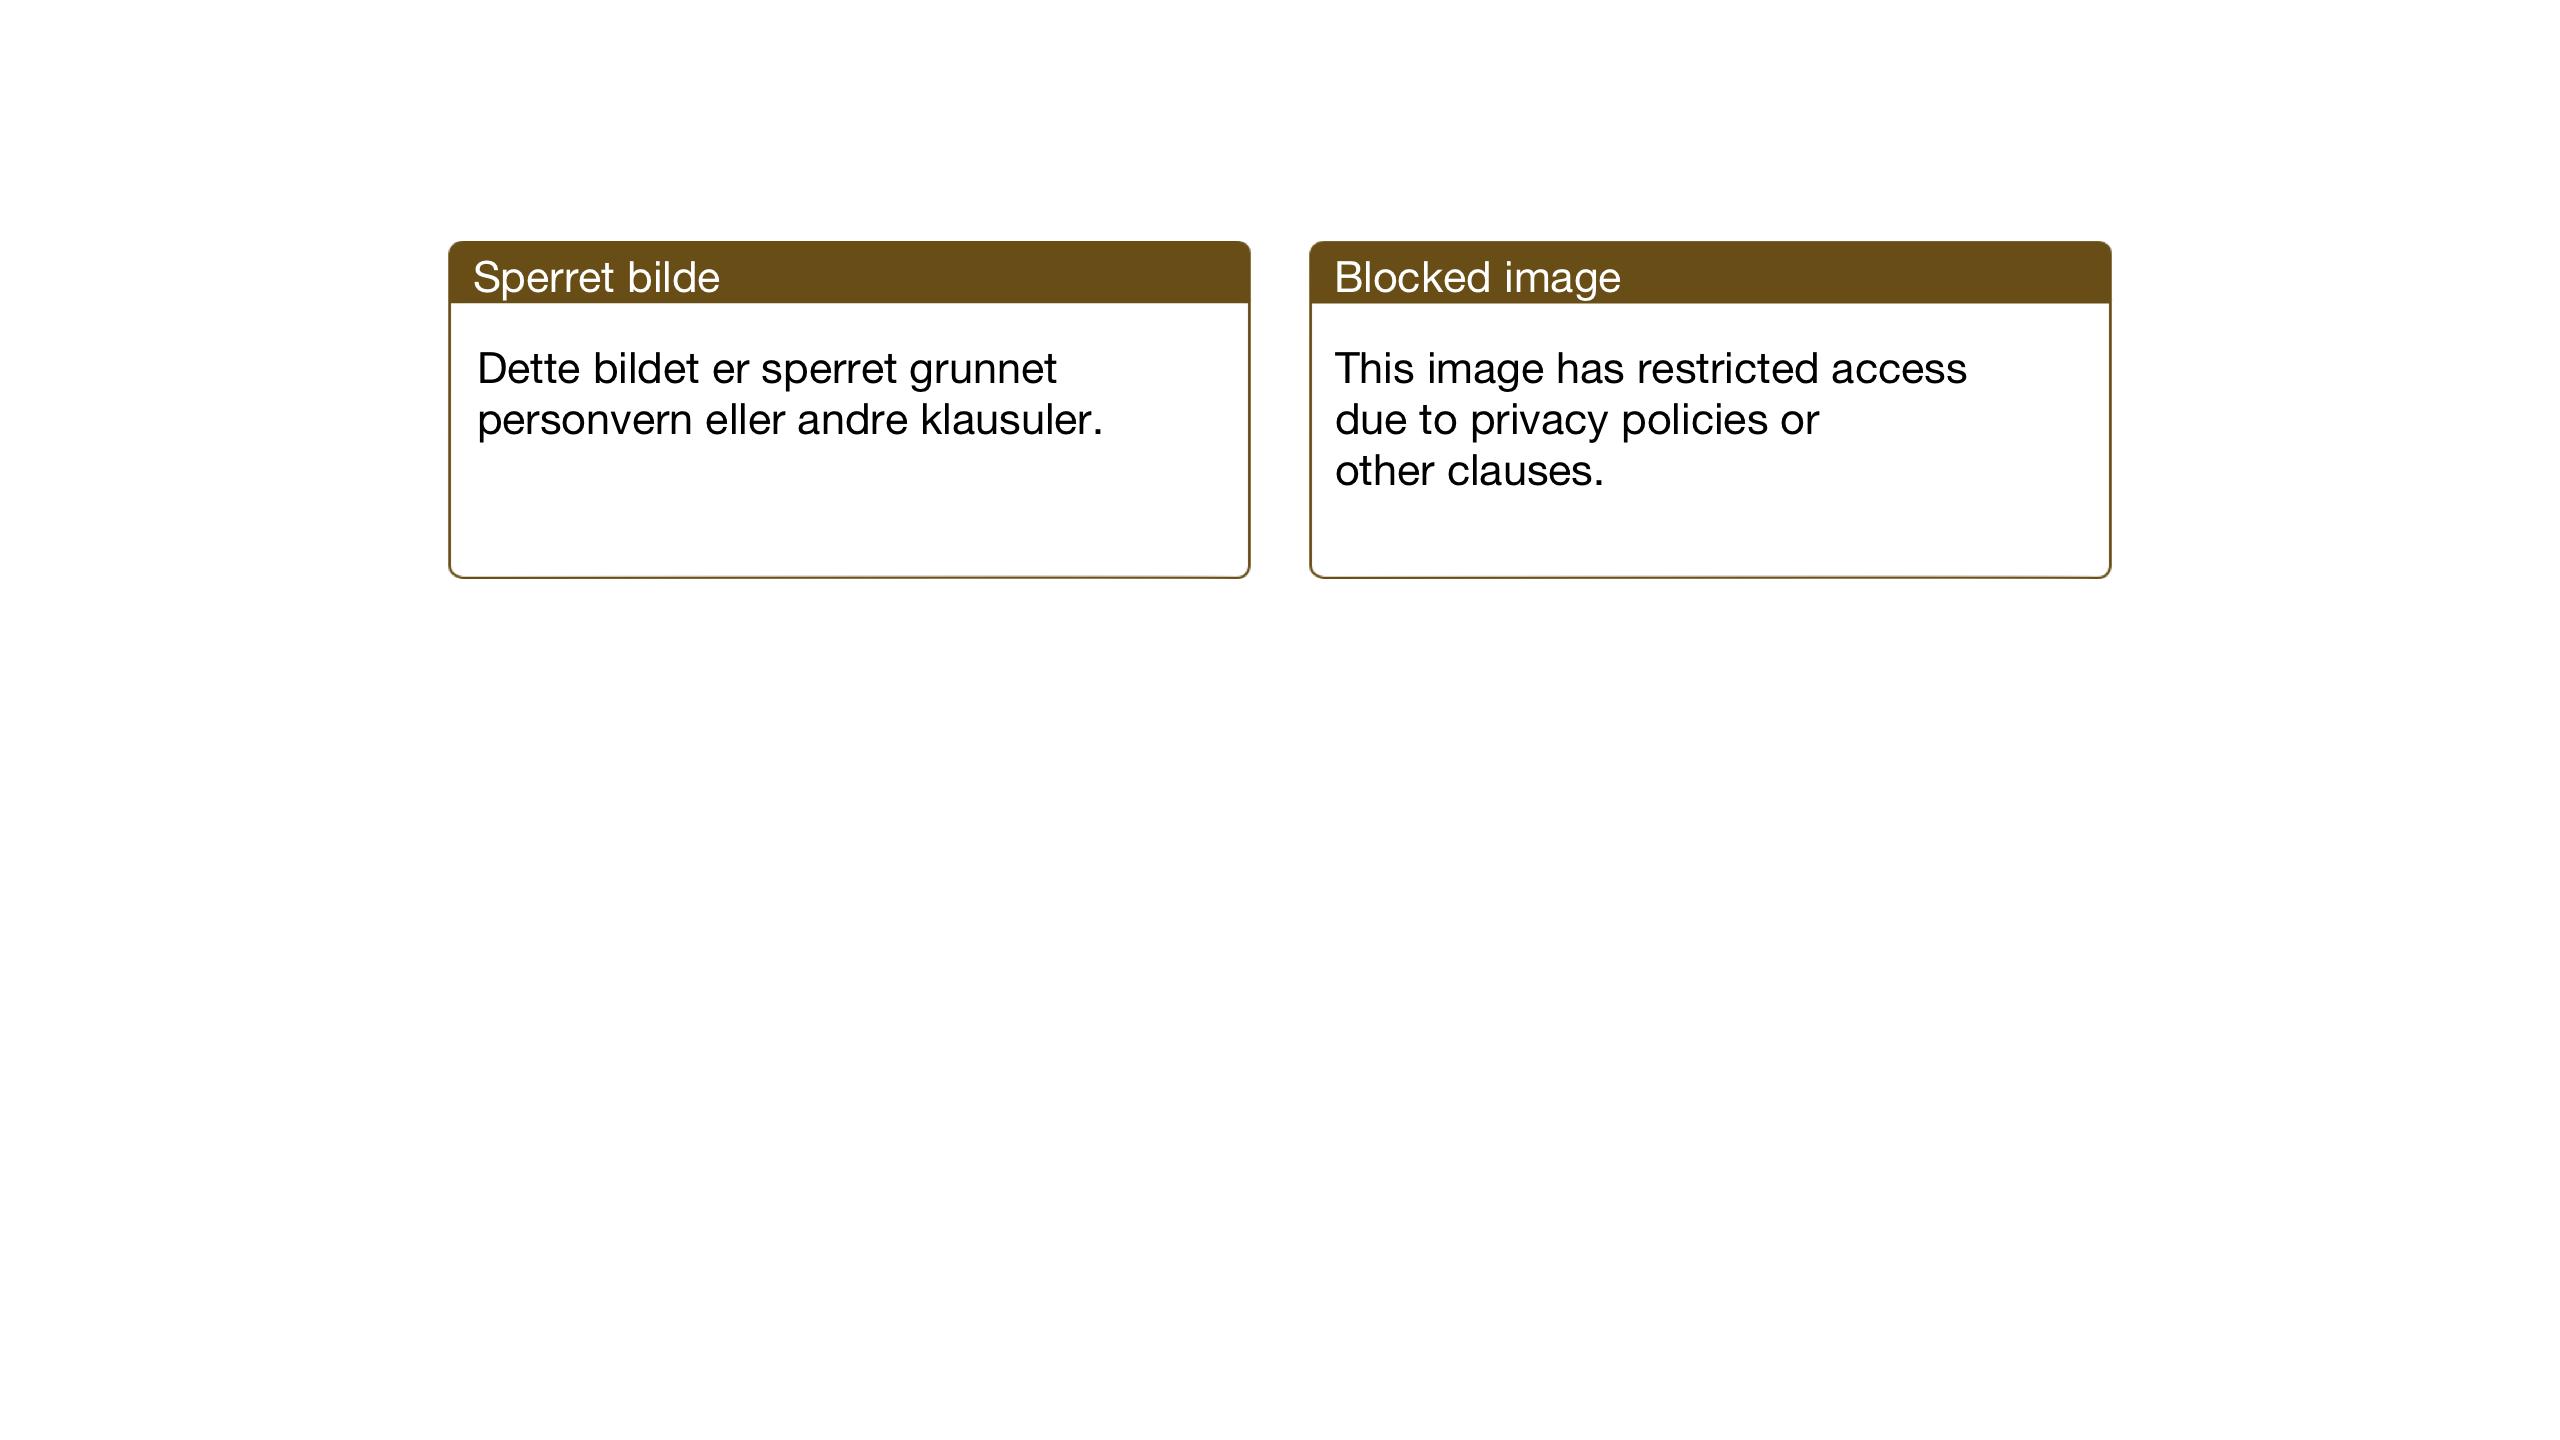 SAT, Ministerialprotokoller, klokkerbøker og fødselsregistre - Sør-Trøndelag, 608/L0343: Klokkerbok nr. 608C09, 1938-1952, s. 27